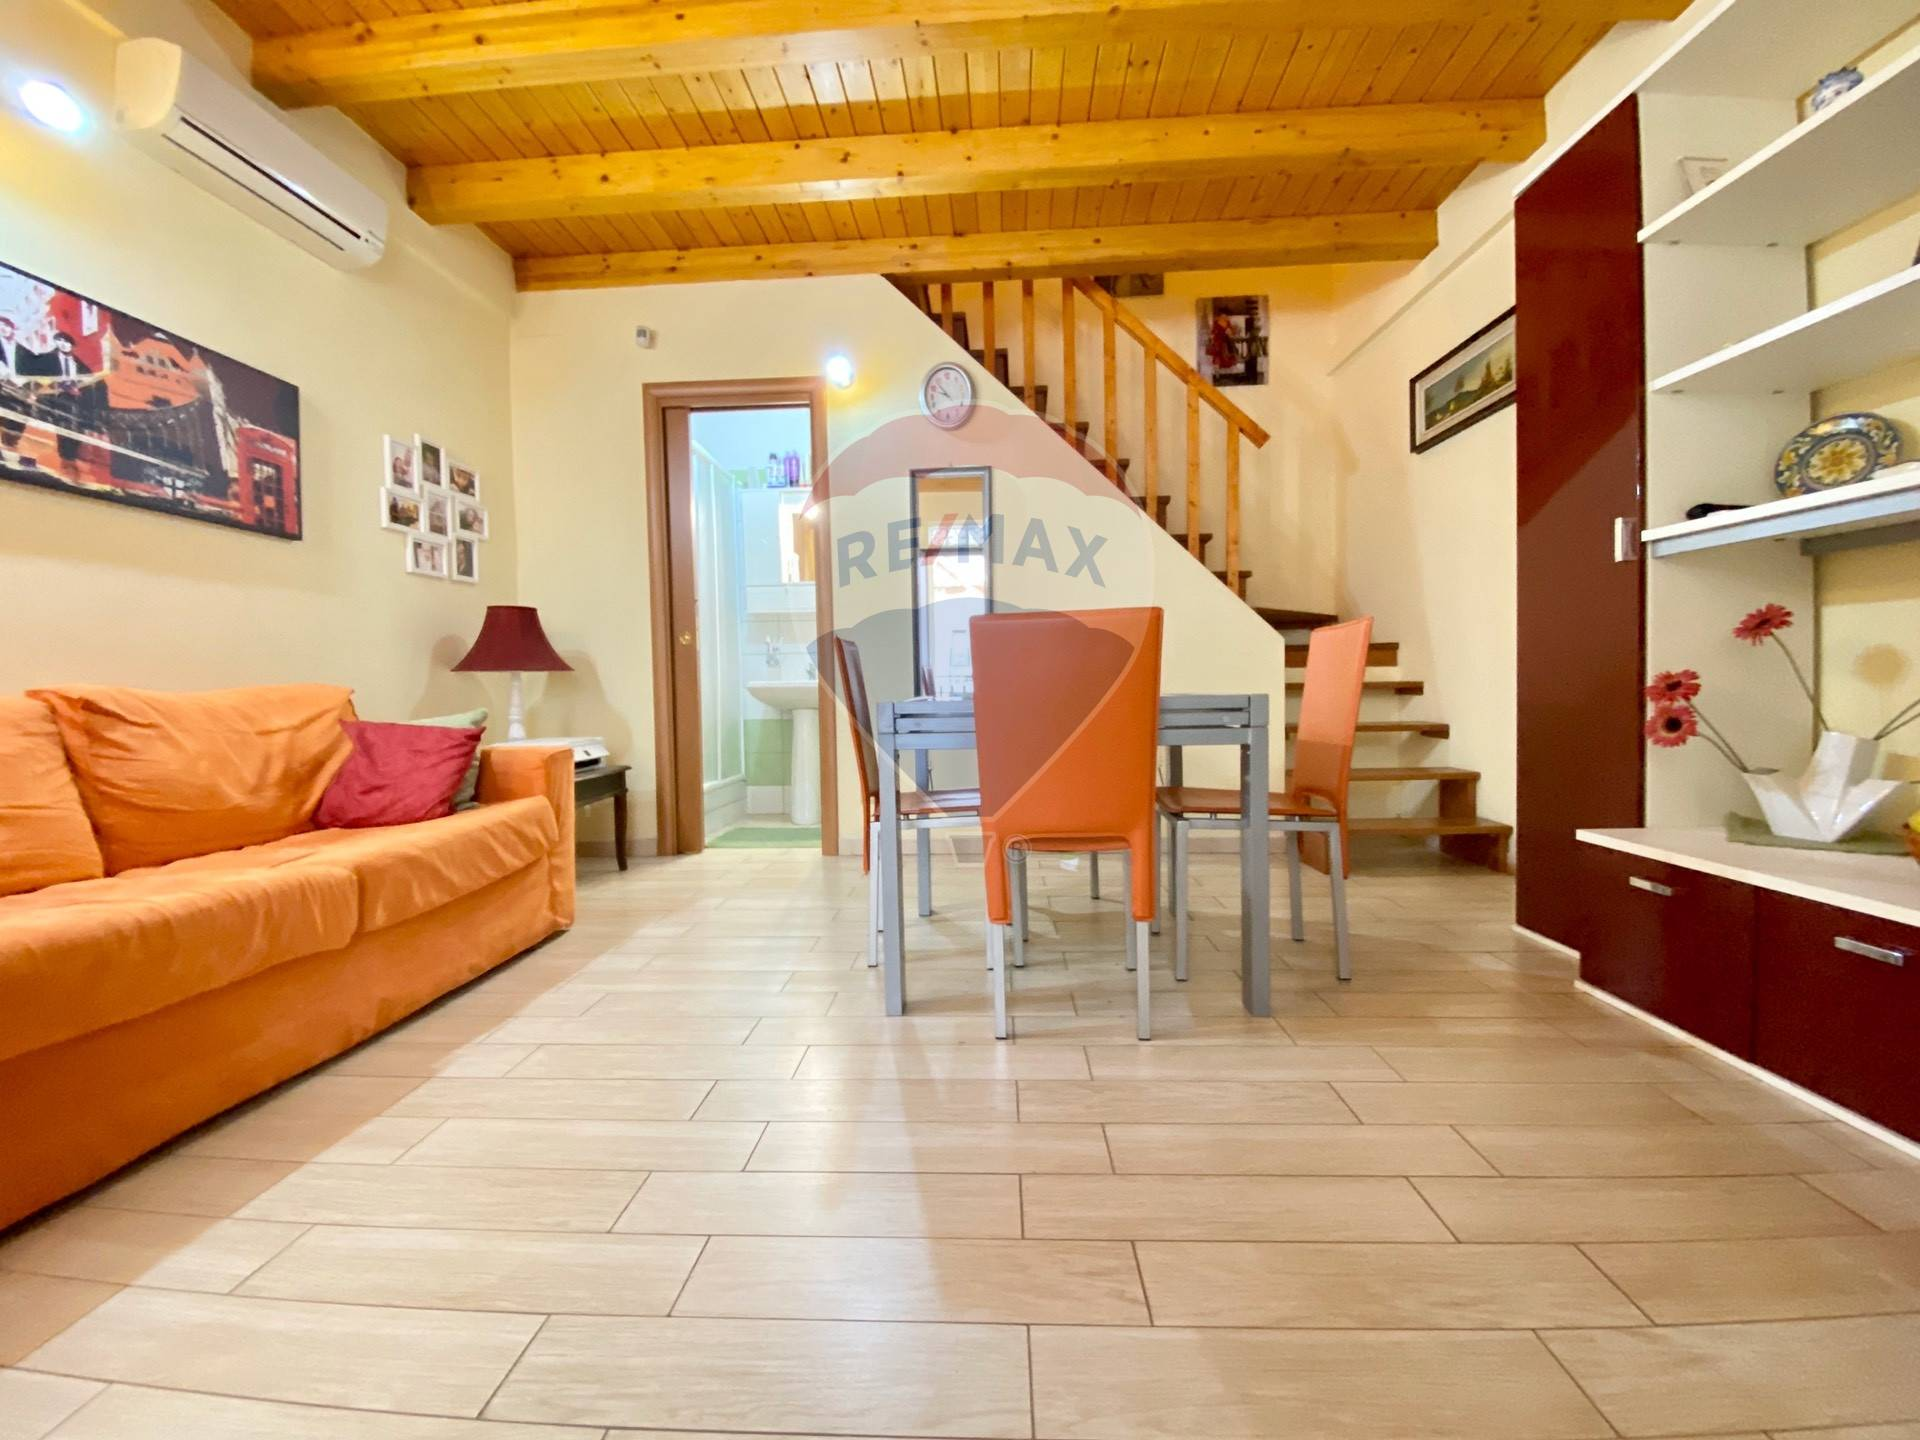 Appartamento in vendita a Catania, 2 locali, zona Località: ViaEtnea-viaUmberto, prezzo € 60.000 | CambioCasa.it